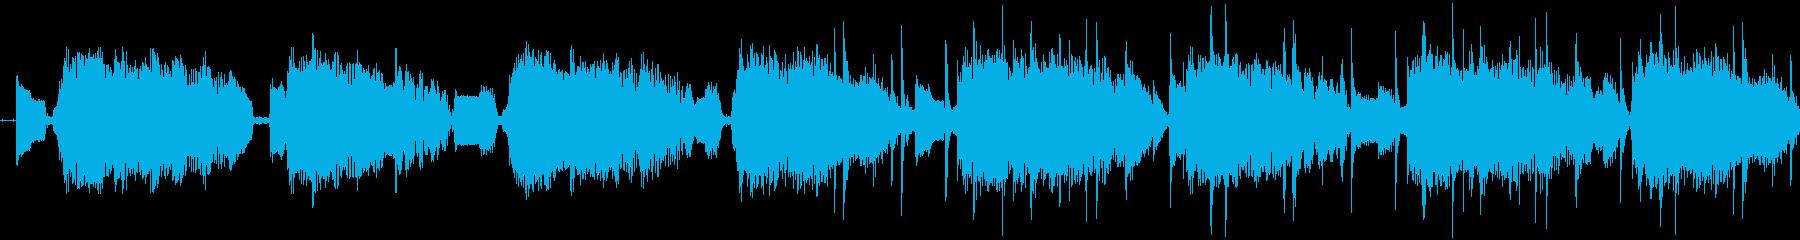 【大人/ロマンチック/バラード】の再生済みの波形